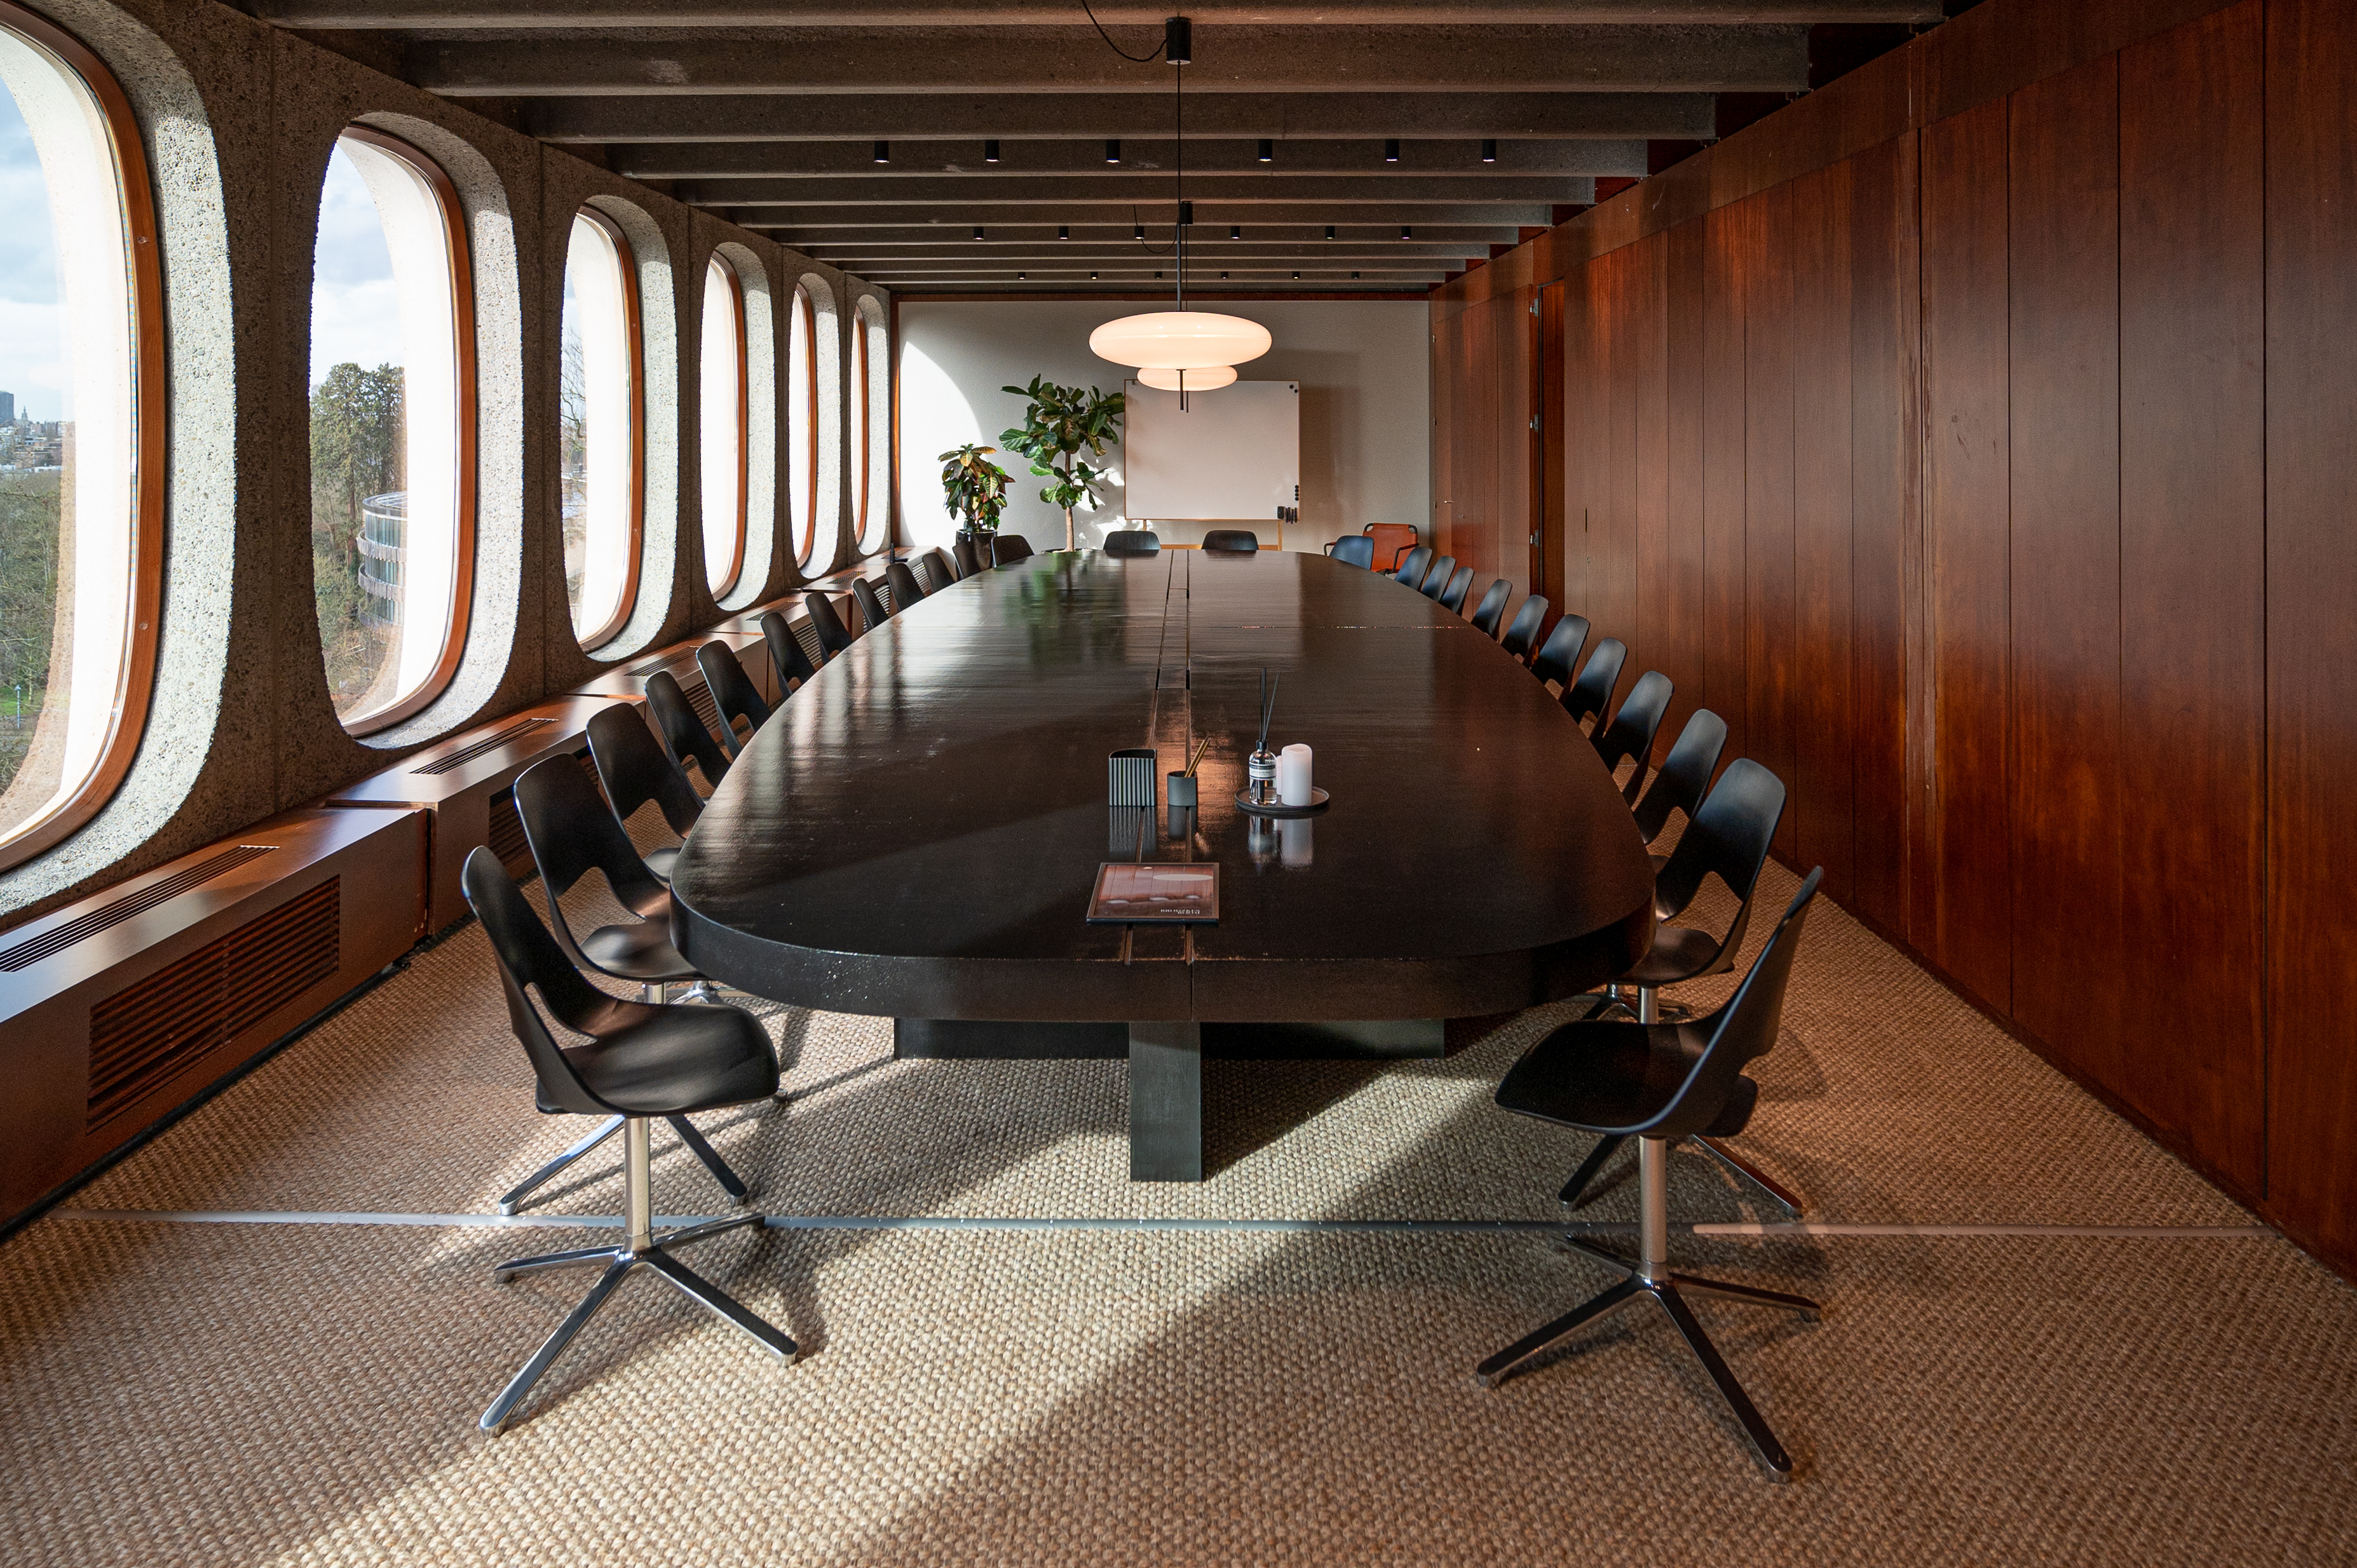 CBR_Building_meeting_room_interior.jpg